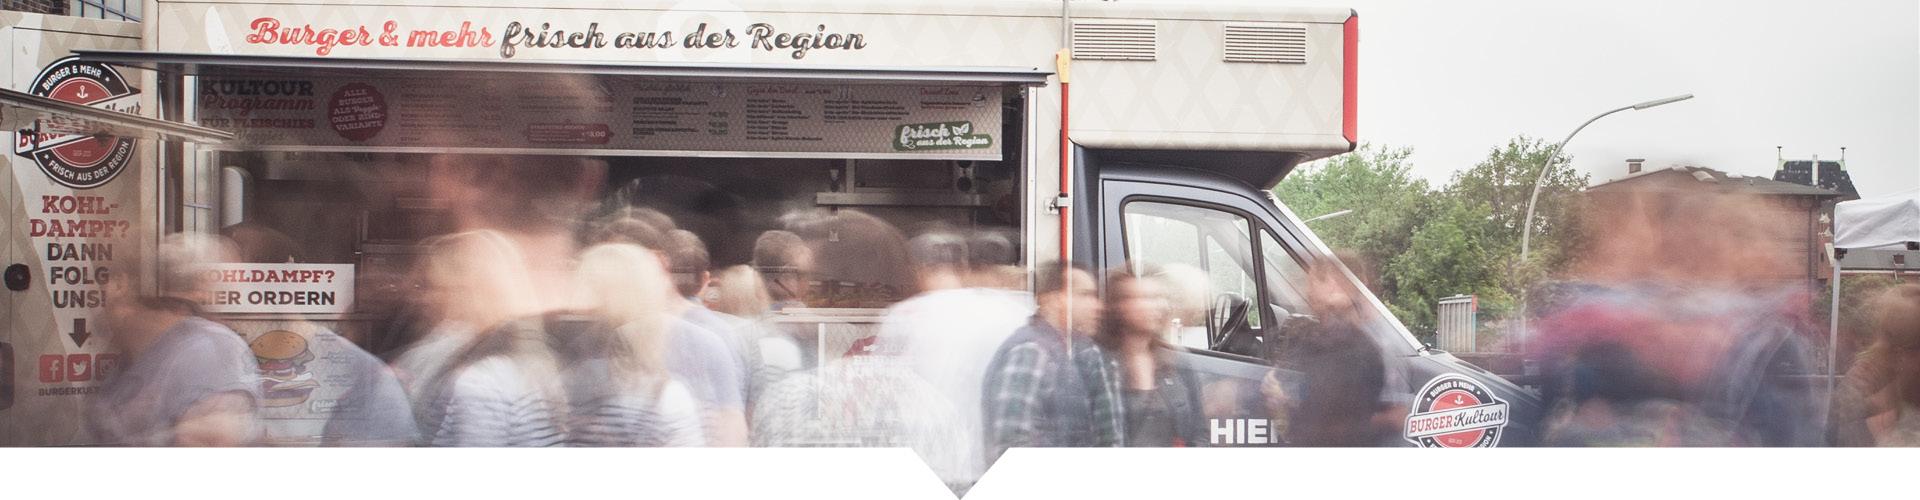 Food Truck Buchen